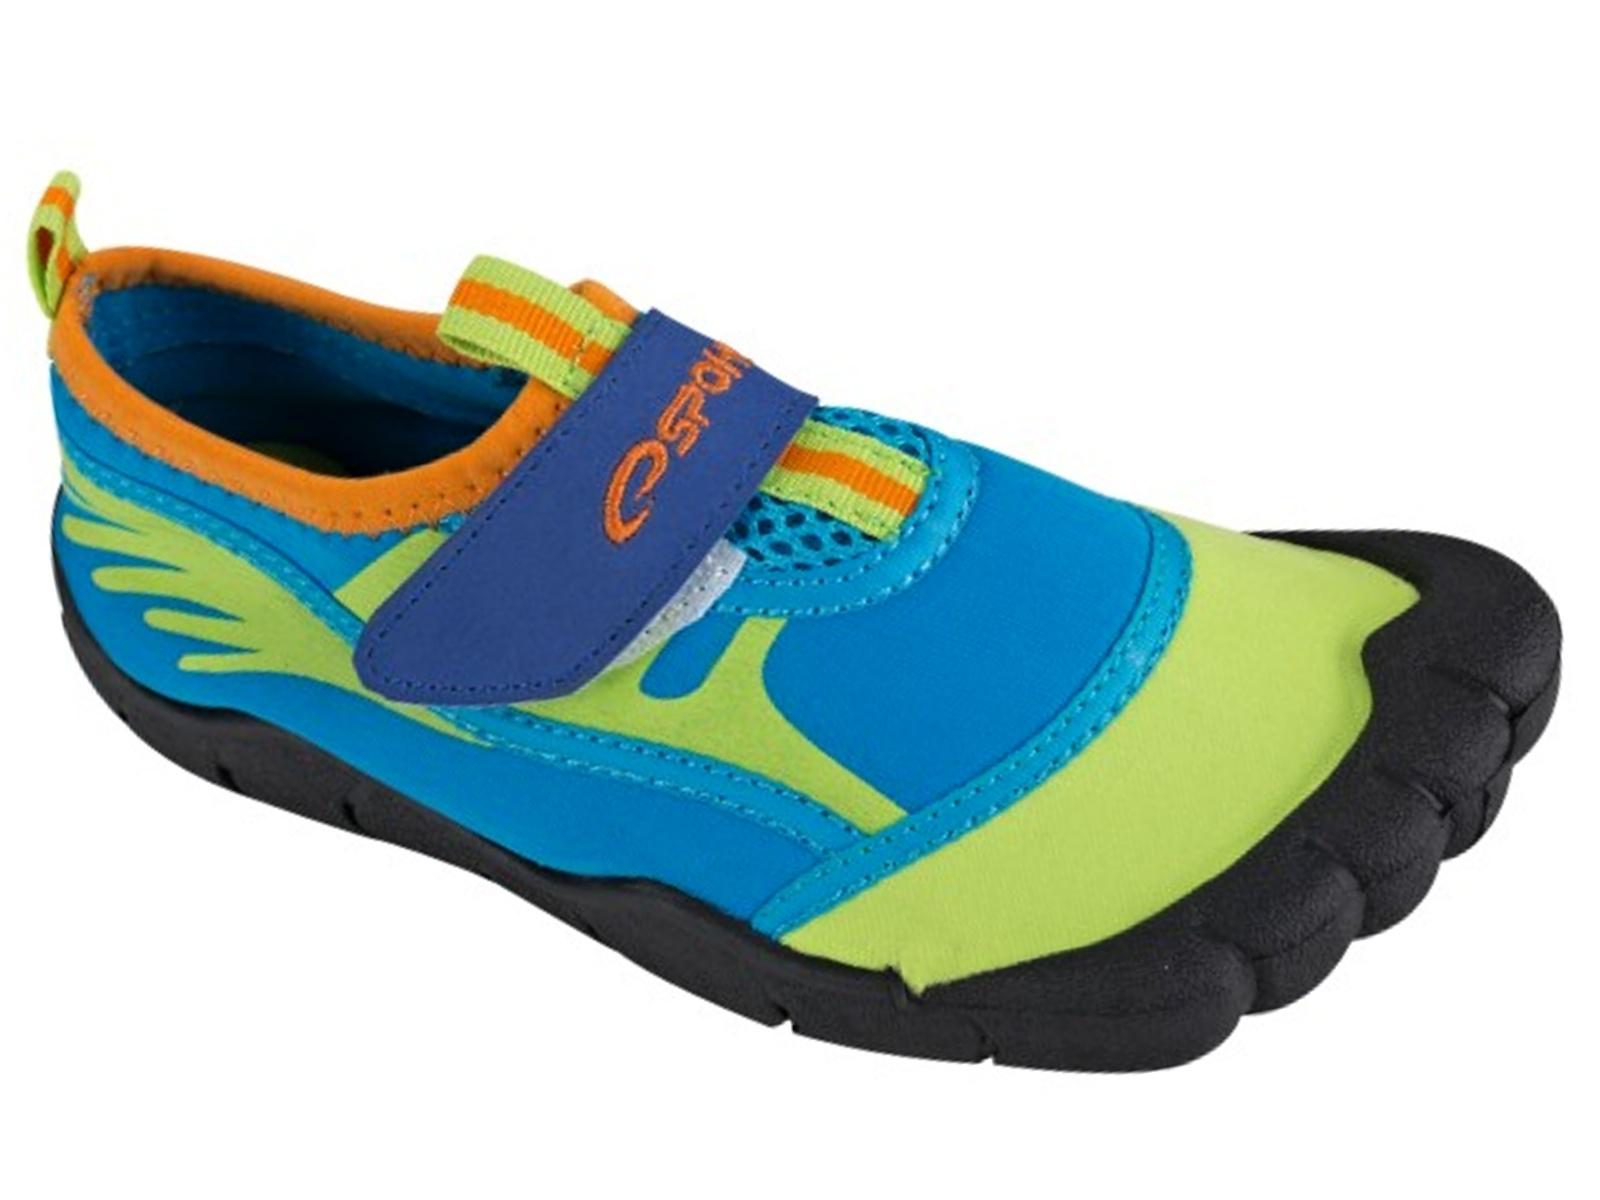 Boty do vody SPOKEY Seafoot chlapecké modré - vel. 34